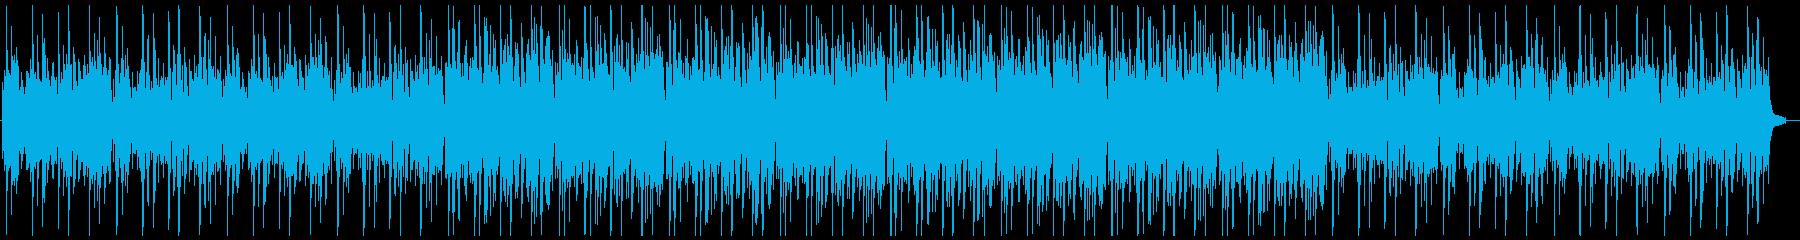 奇妙な緊張感:ピアノソロ劇伴(長めの再生済みの波形